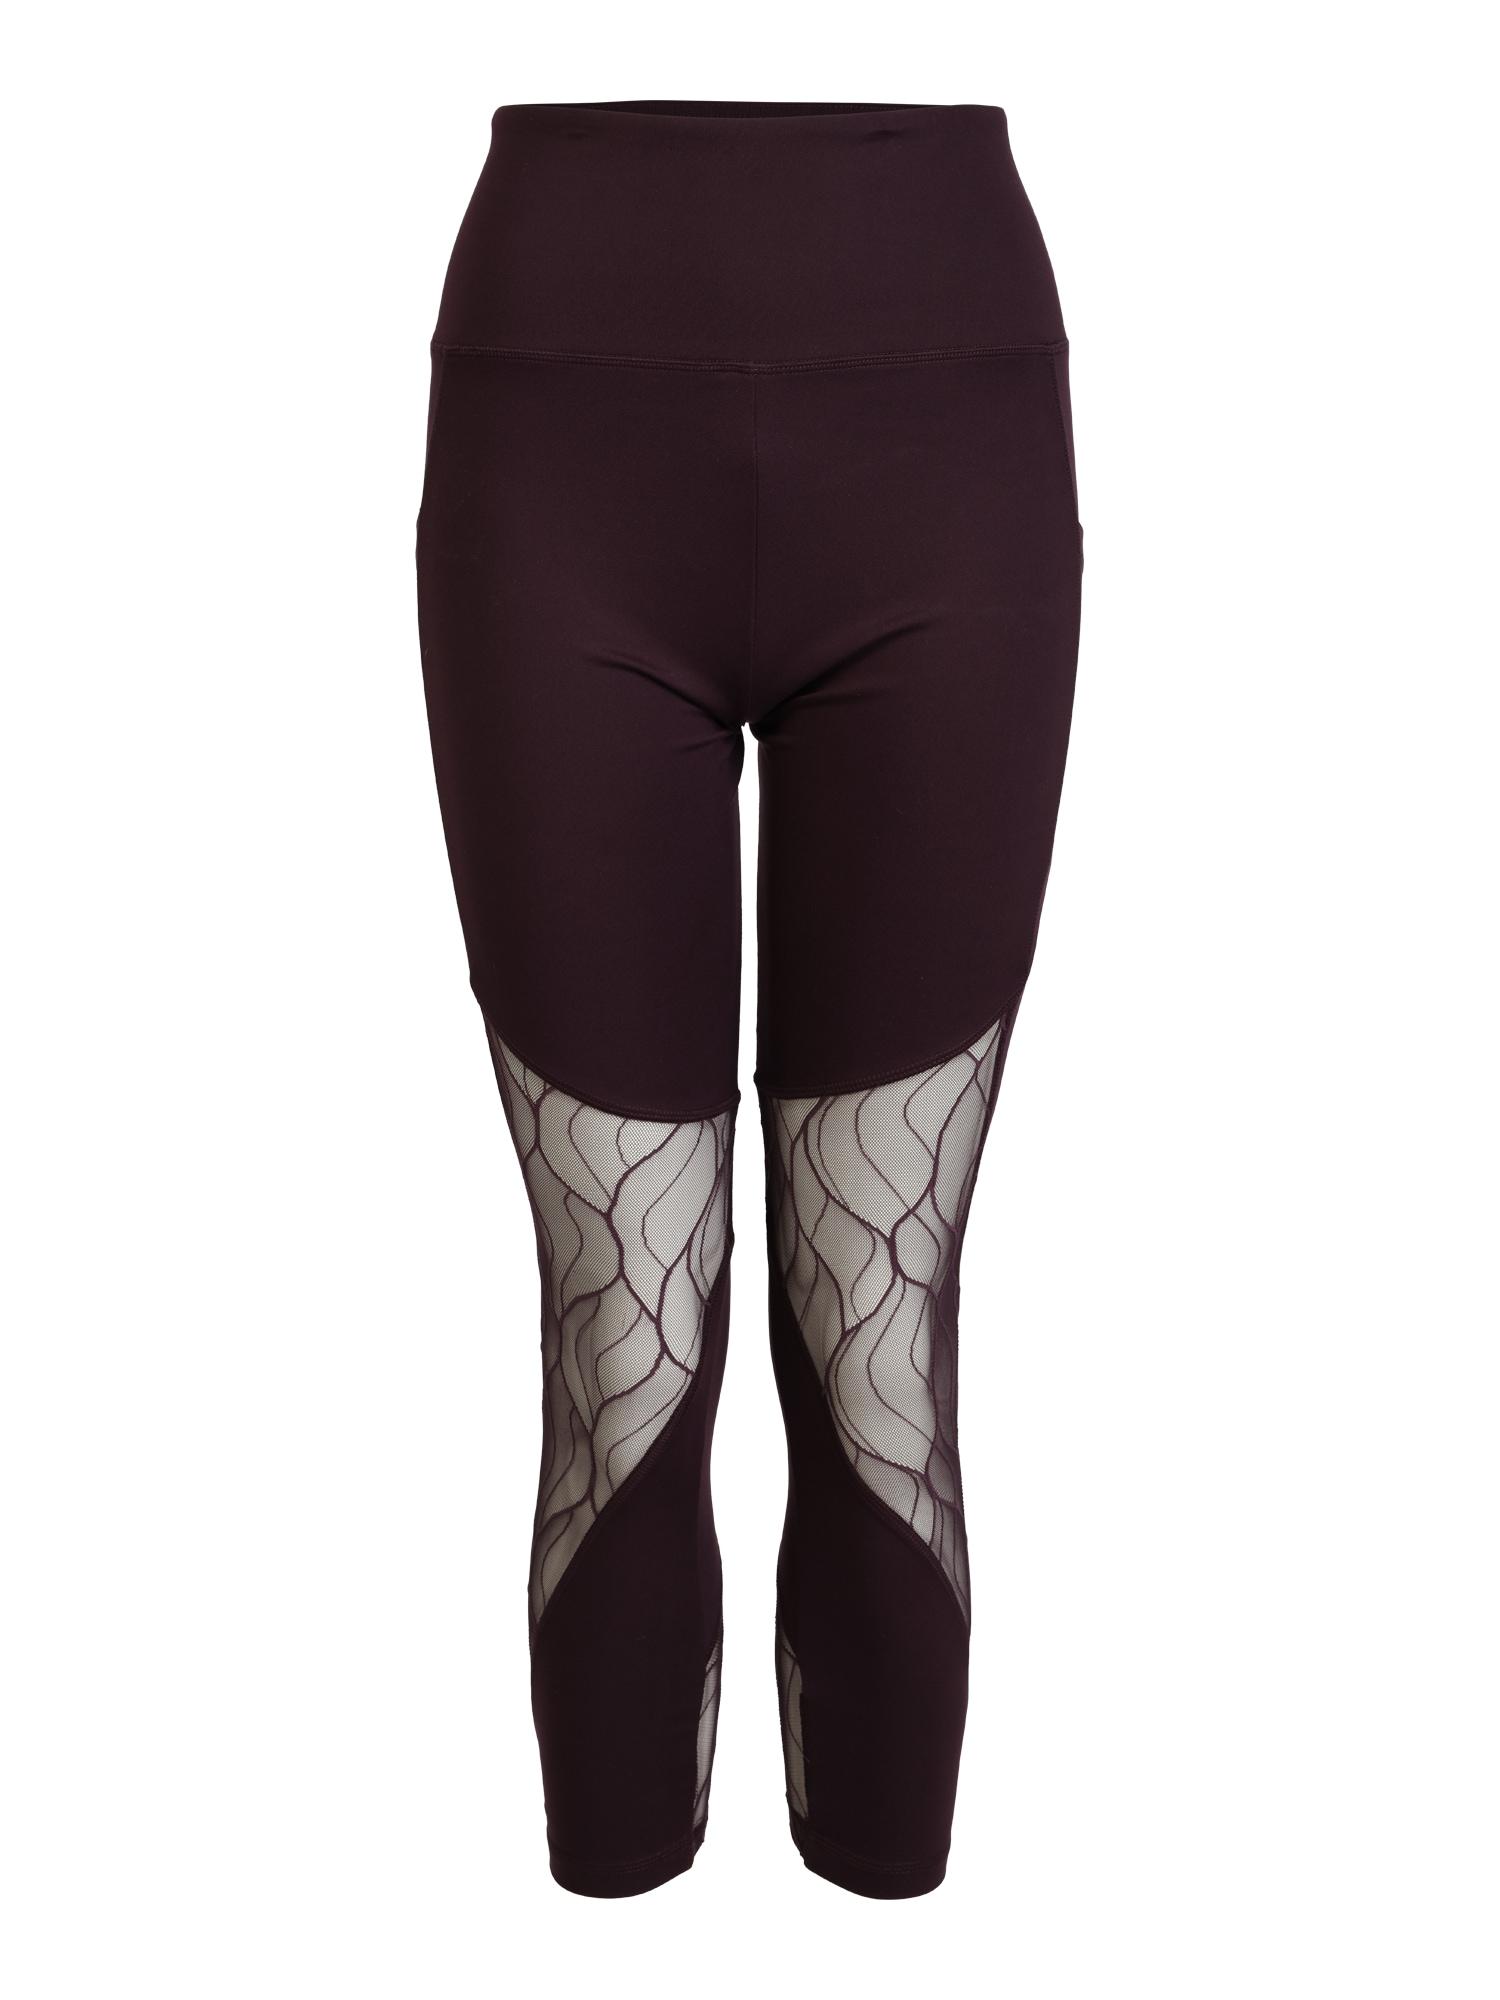 Sportovní kalhoty ARABELLA tmavě fialová průhledná Marika